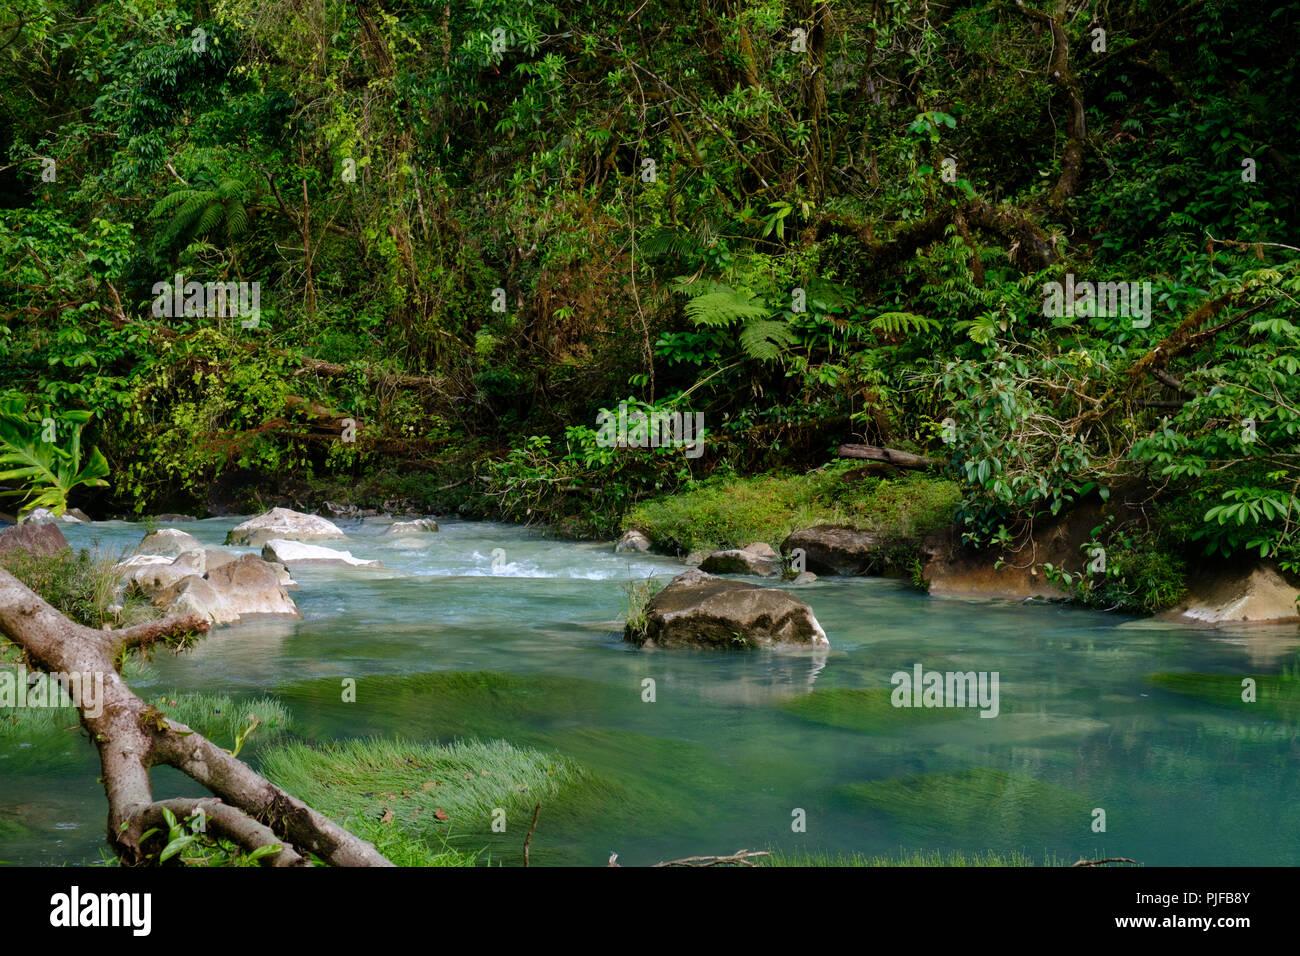 Rio celest, costa rica. - Stock Image